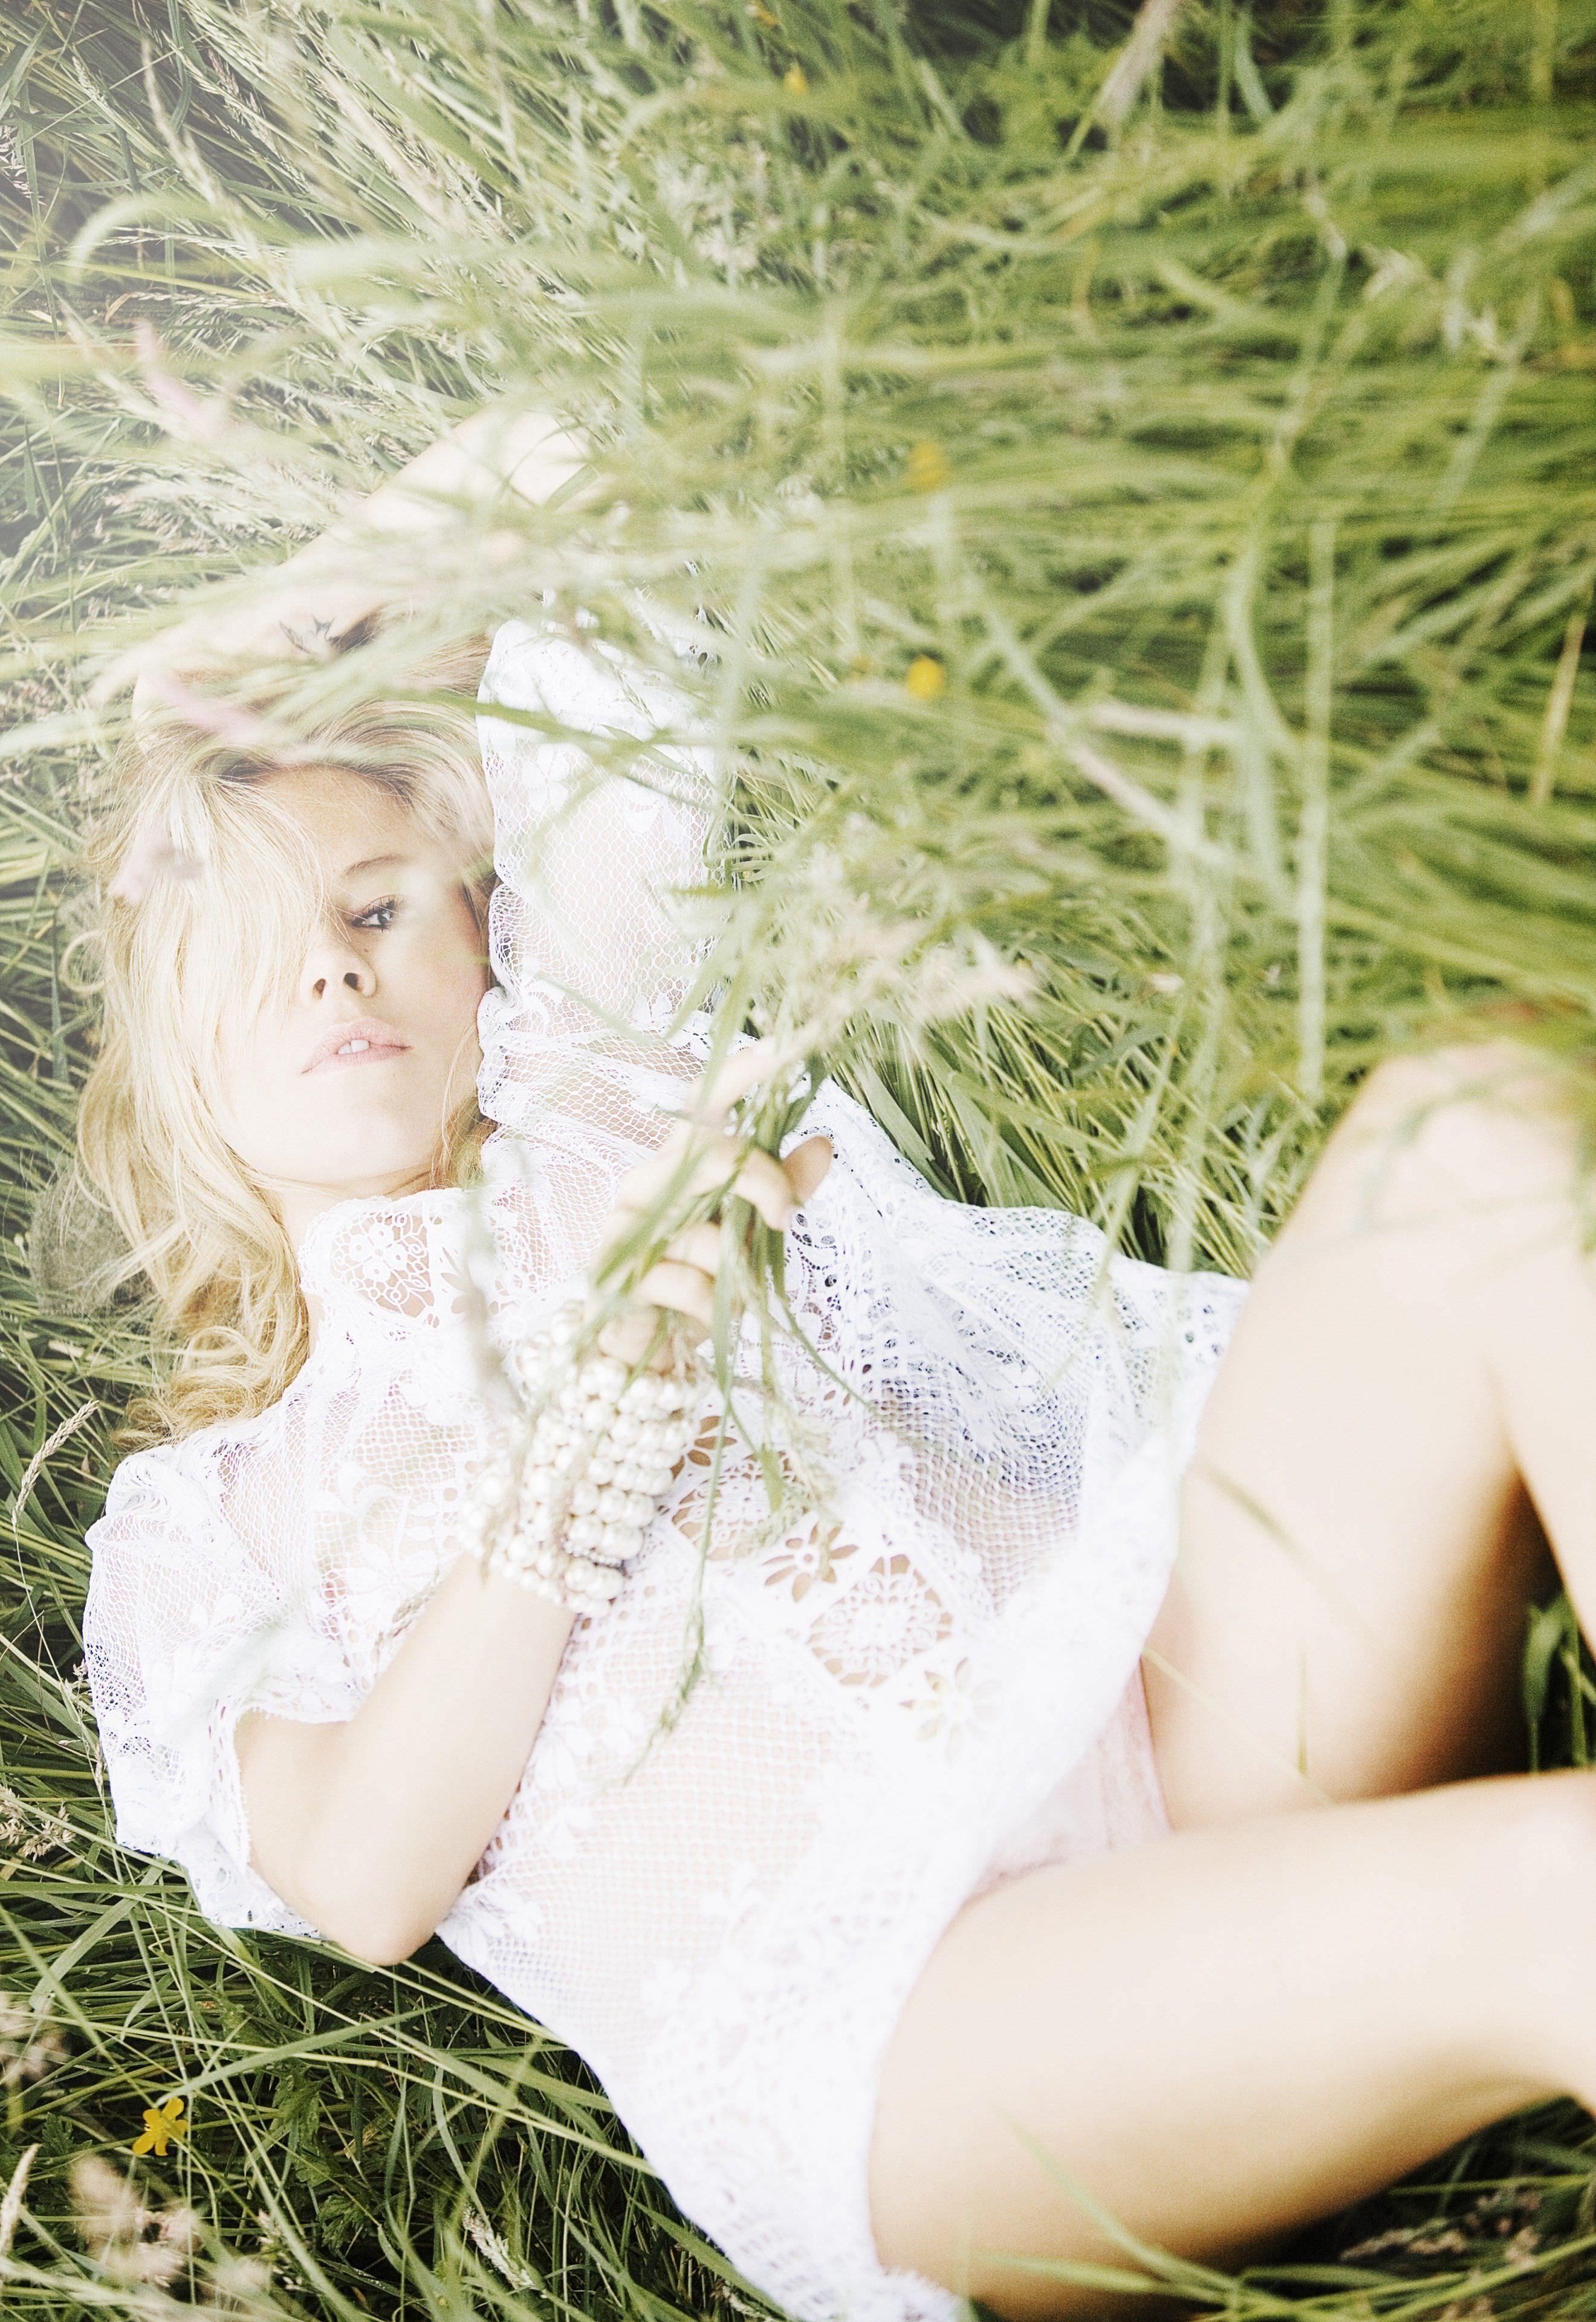 Сиенна Миллер фото в траве